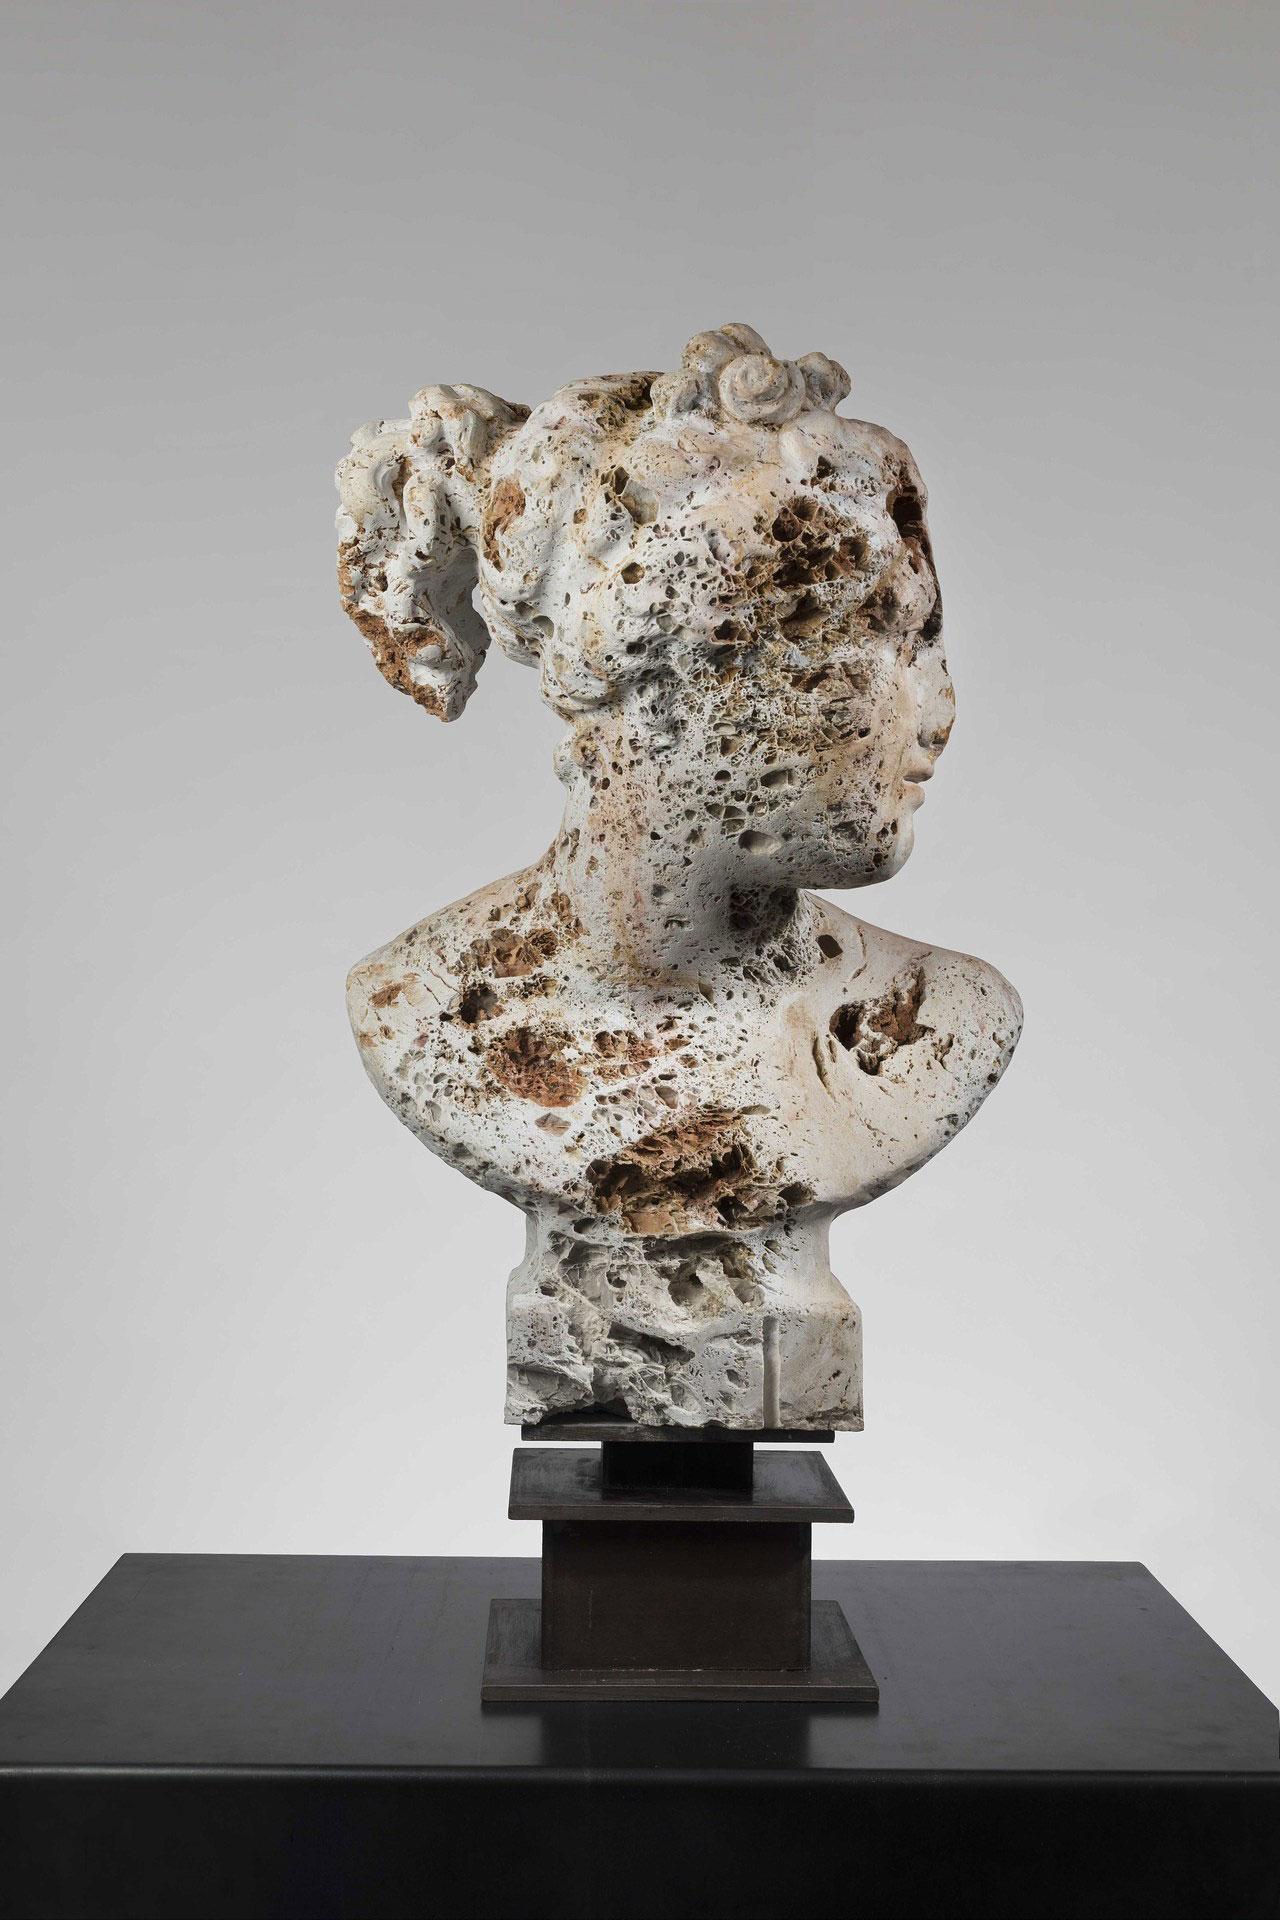 Massimiliano Pelletti, Fallen Beauty, 2016. Calcare grottoso, 87 x 44 x 35 cm.